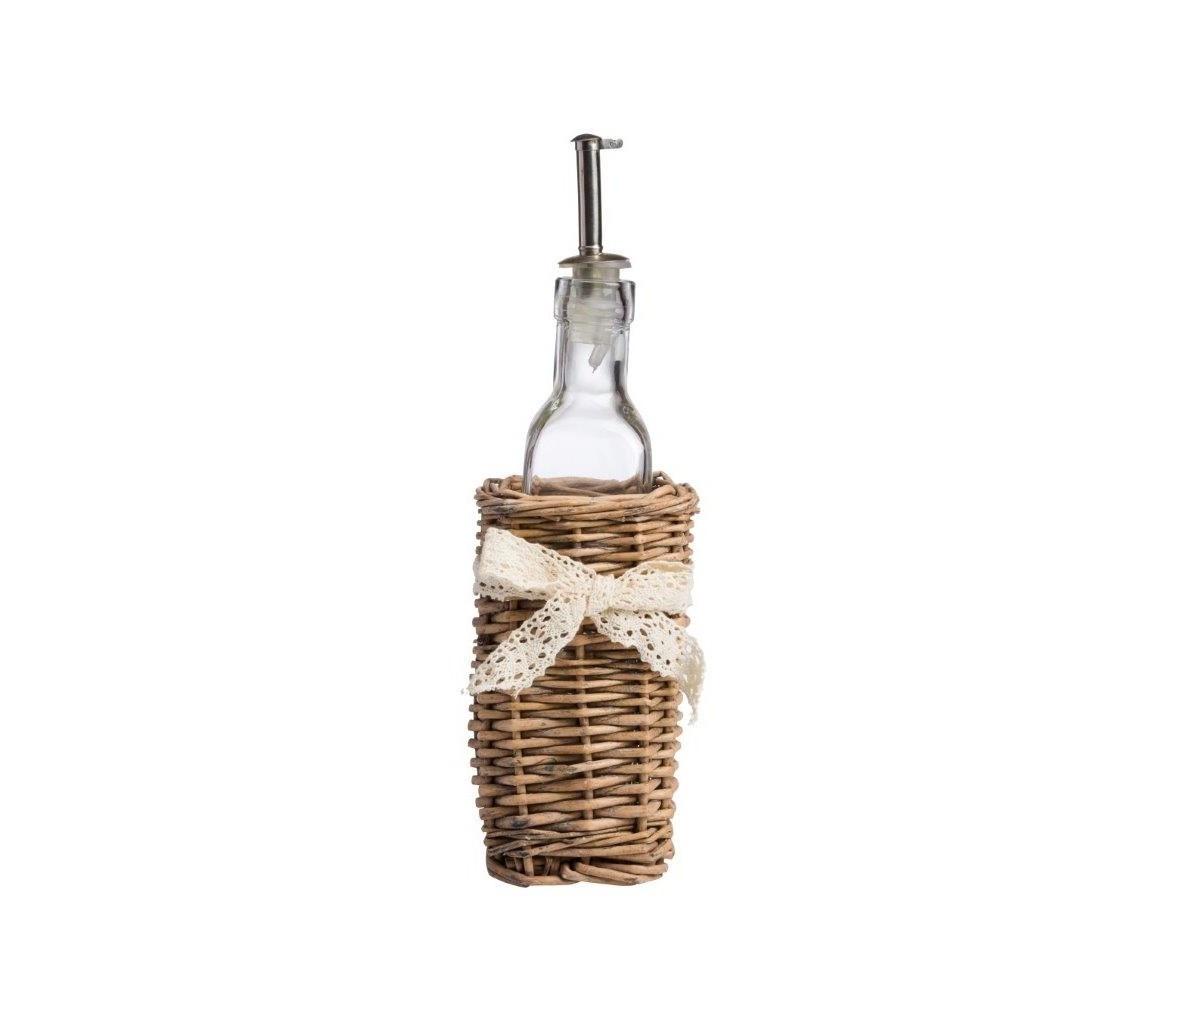 Бутылка для жидких приправ с дозатором CandiceБутылки<br>Эстетичная бутылка для жидких приправ изготовлена из стекла с металлическим дозатором, нижняя часть бутылки помещена в плетеную корзинку, изыскано перевязанную кружевной ленточкой, лаконично впишется в интерьер кухни.<br><br>Material: Стекло<br>Ширина см: 7<br>Высота см: 21<br>Глубина см: 7